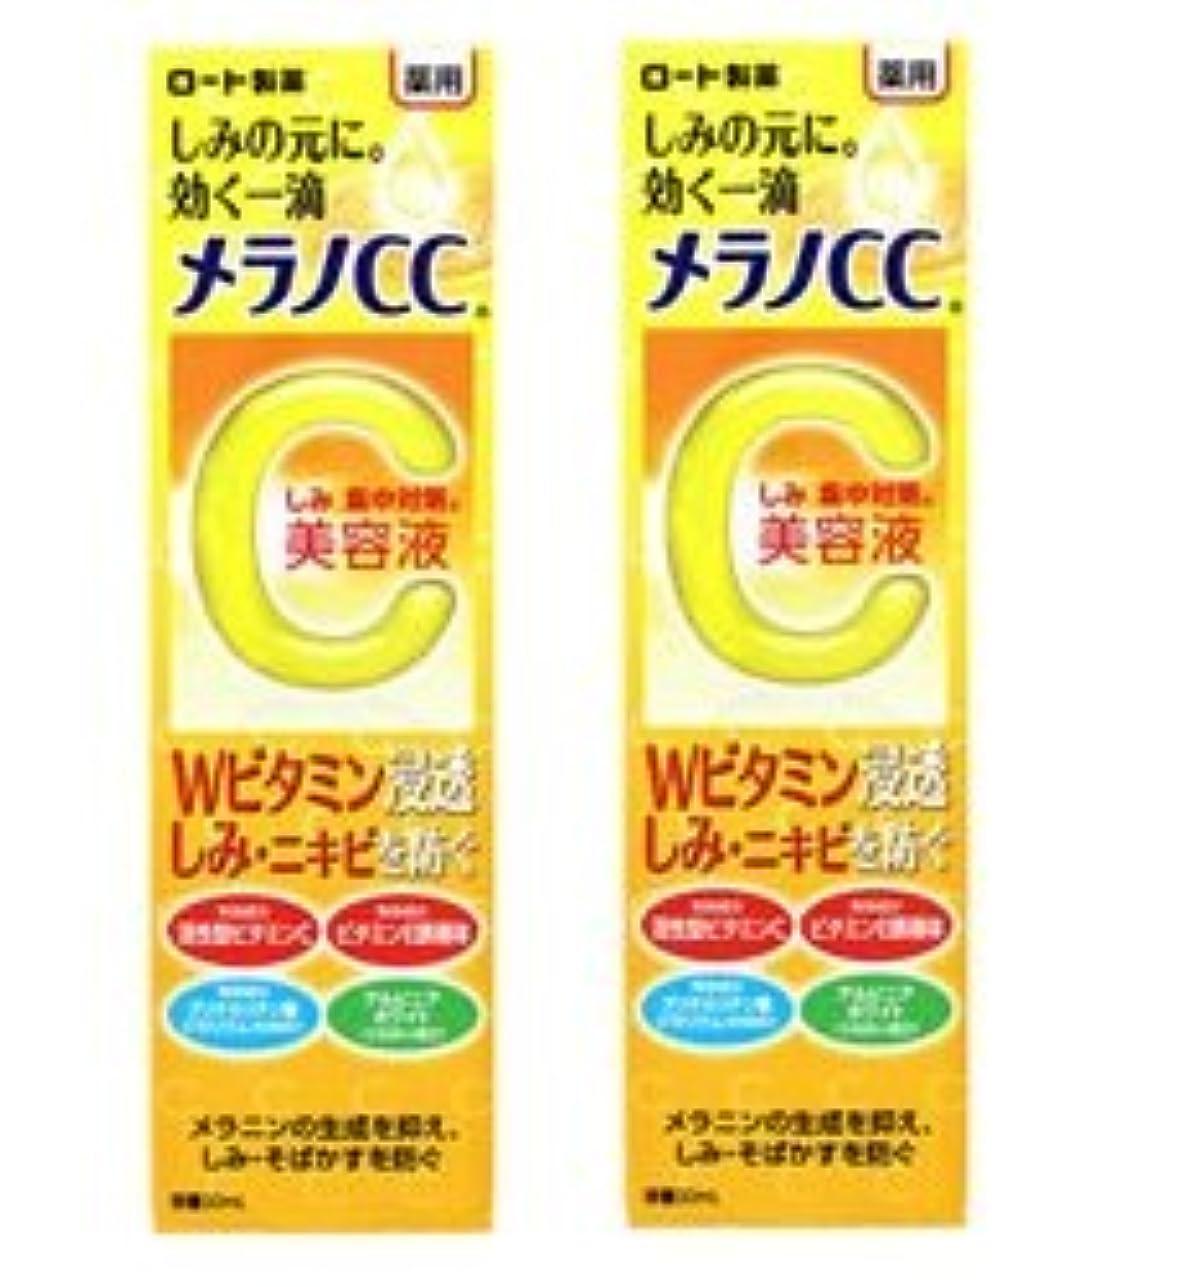 主張する美的繁栄【2個セット】メラノCC 薬用しみ集中対策美容液 20ml